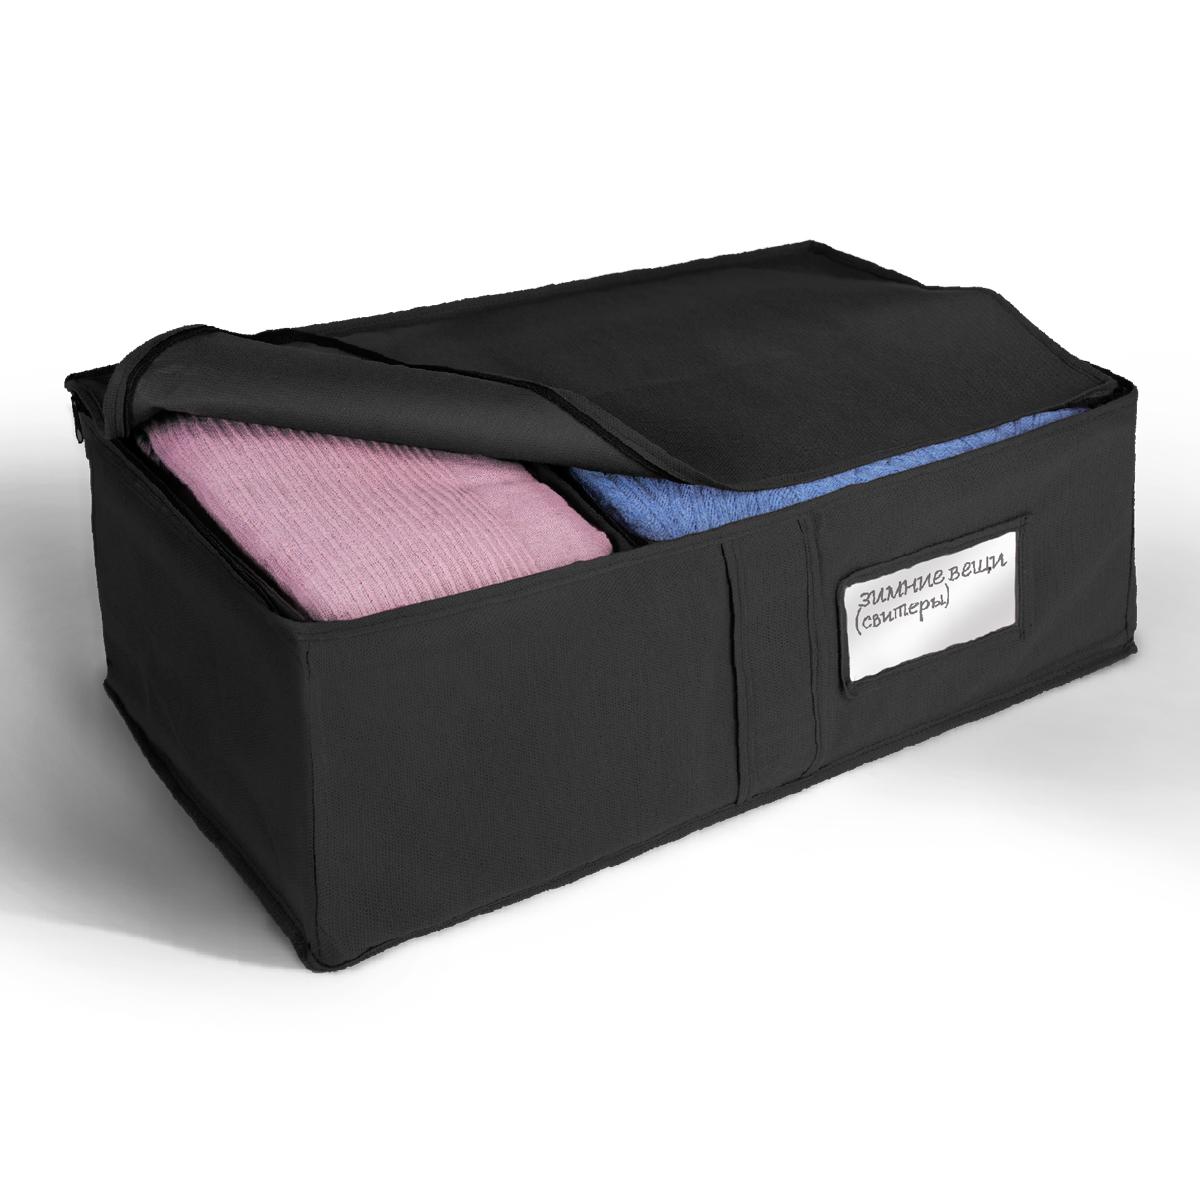 Кофр для хранения Miolla, складной, цвет: черный, 60 х 30 х 20 смCHL-7-3Компактный складной кофр Miolla изготовлен из высококачественногонетканого материала, которыйобеспечивает естественную вентиляцию, позволяя воздуху проникать внутрь,но не пропускает пыль. Изделие закрывается на молнию. Размер кофра (в собранном виде): 60 x 30 x 20 см.